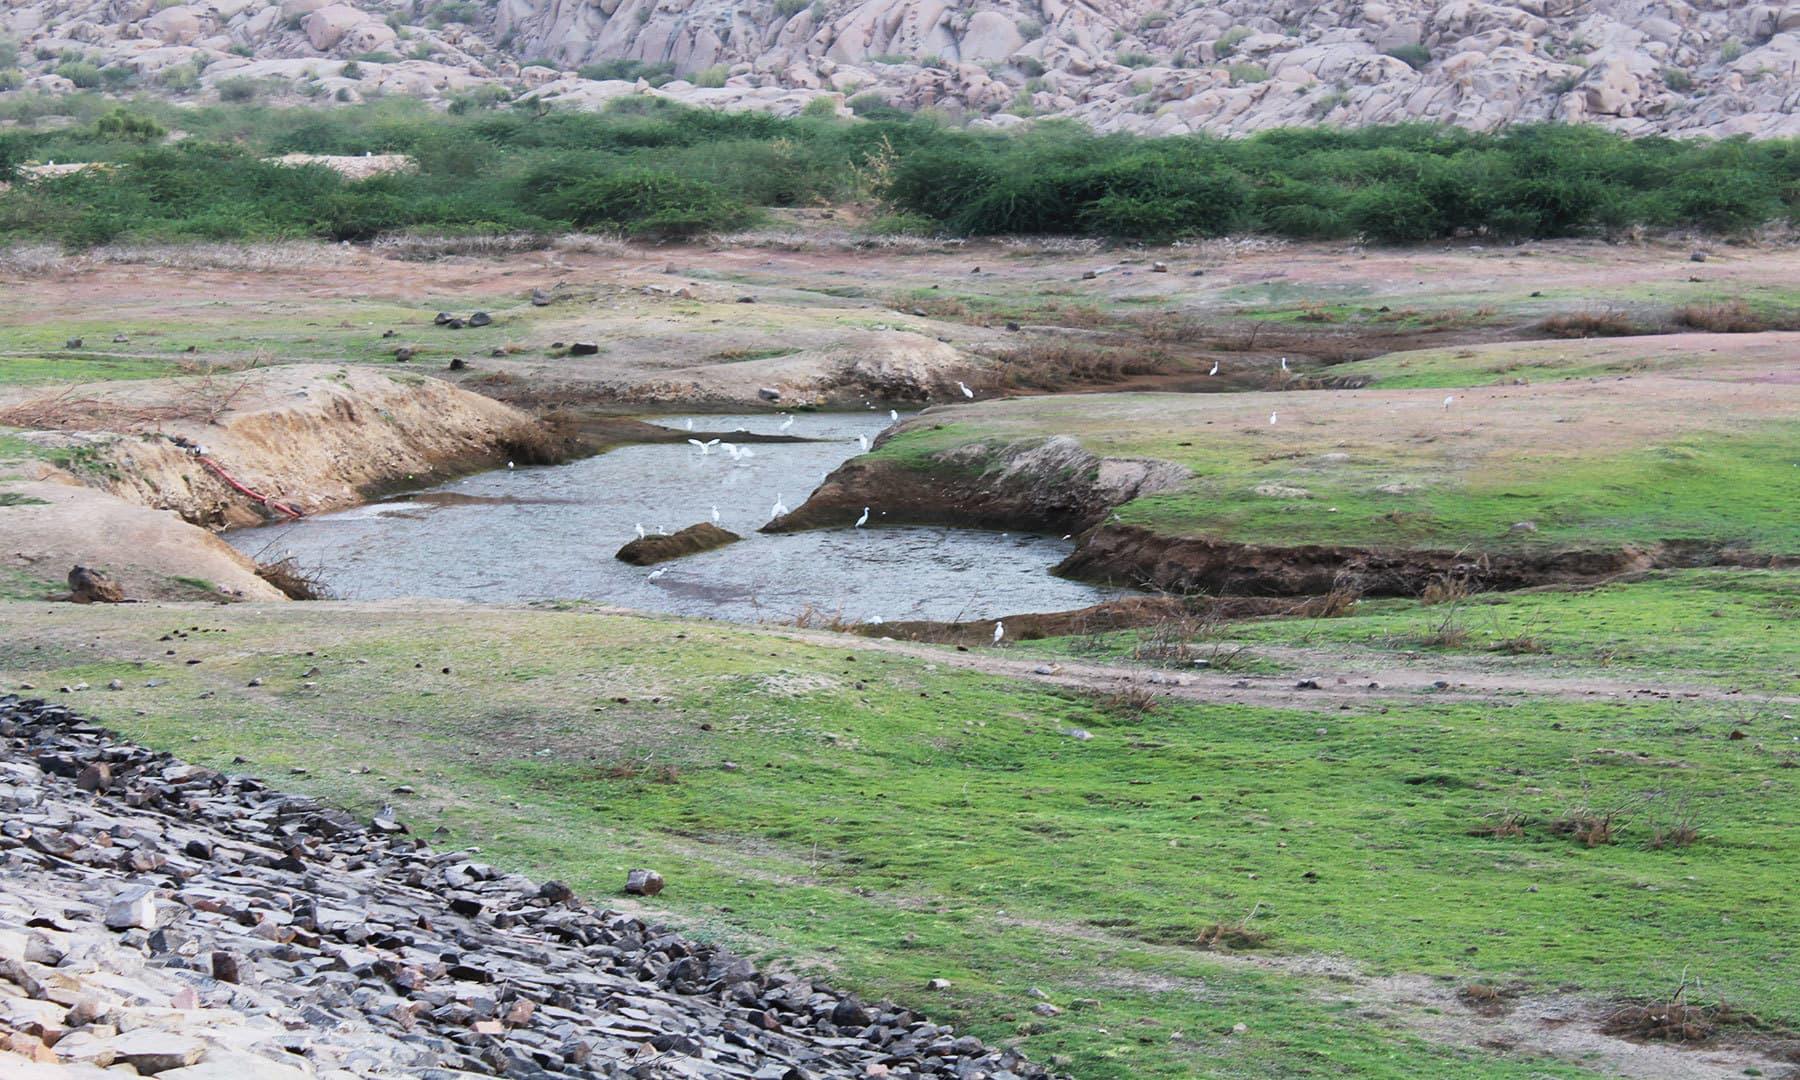 صحرائے تھر میں واقع بھوڈیسر تالاب—اختر حفیظ